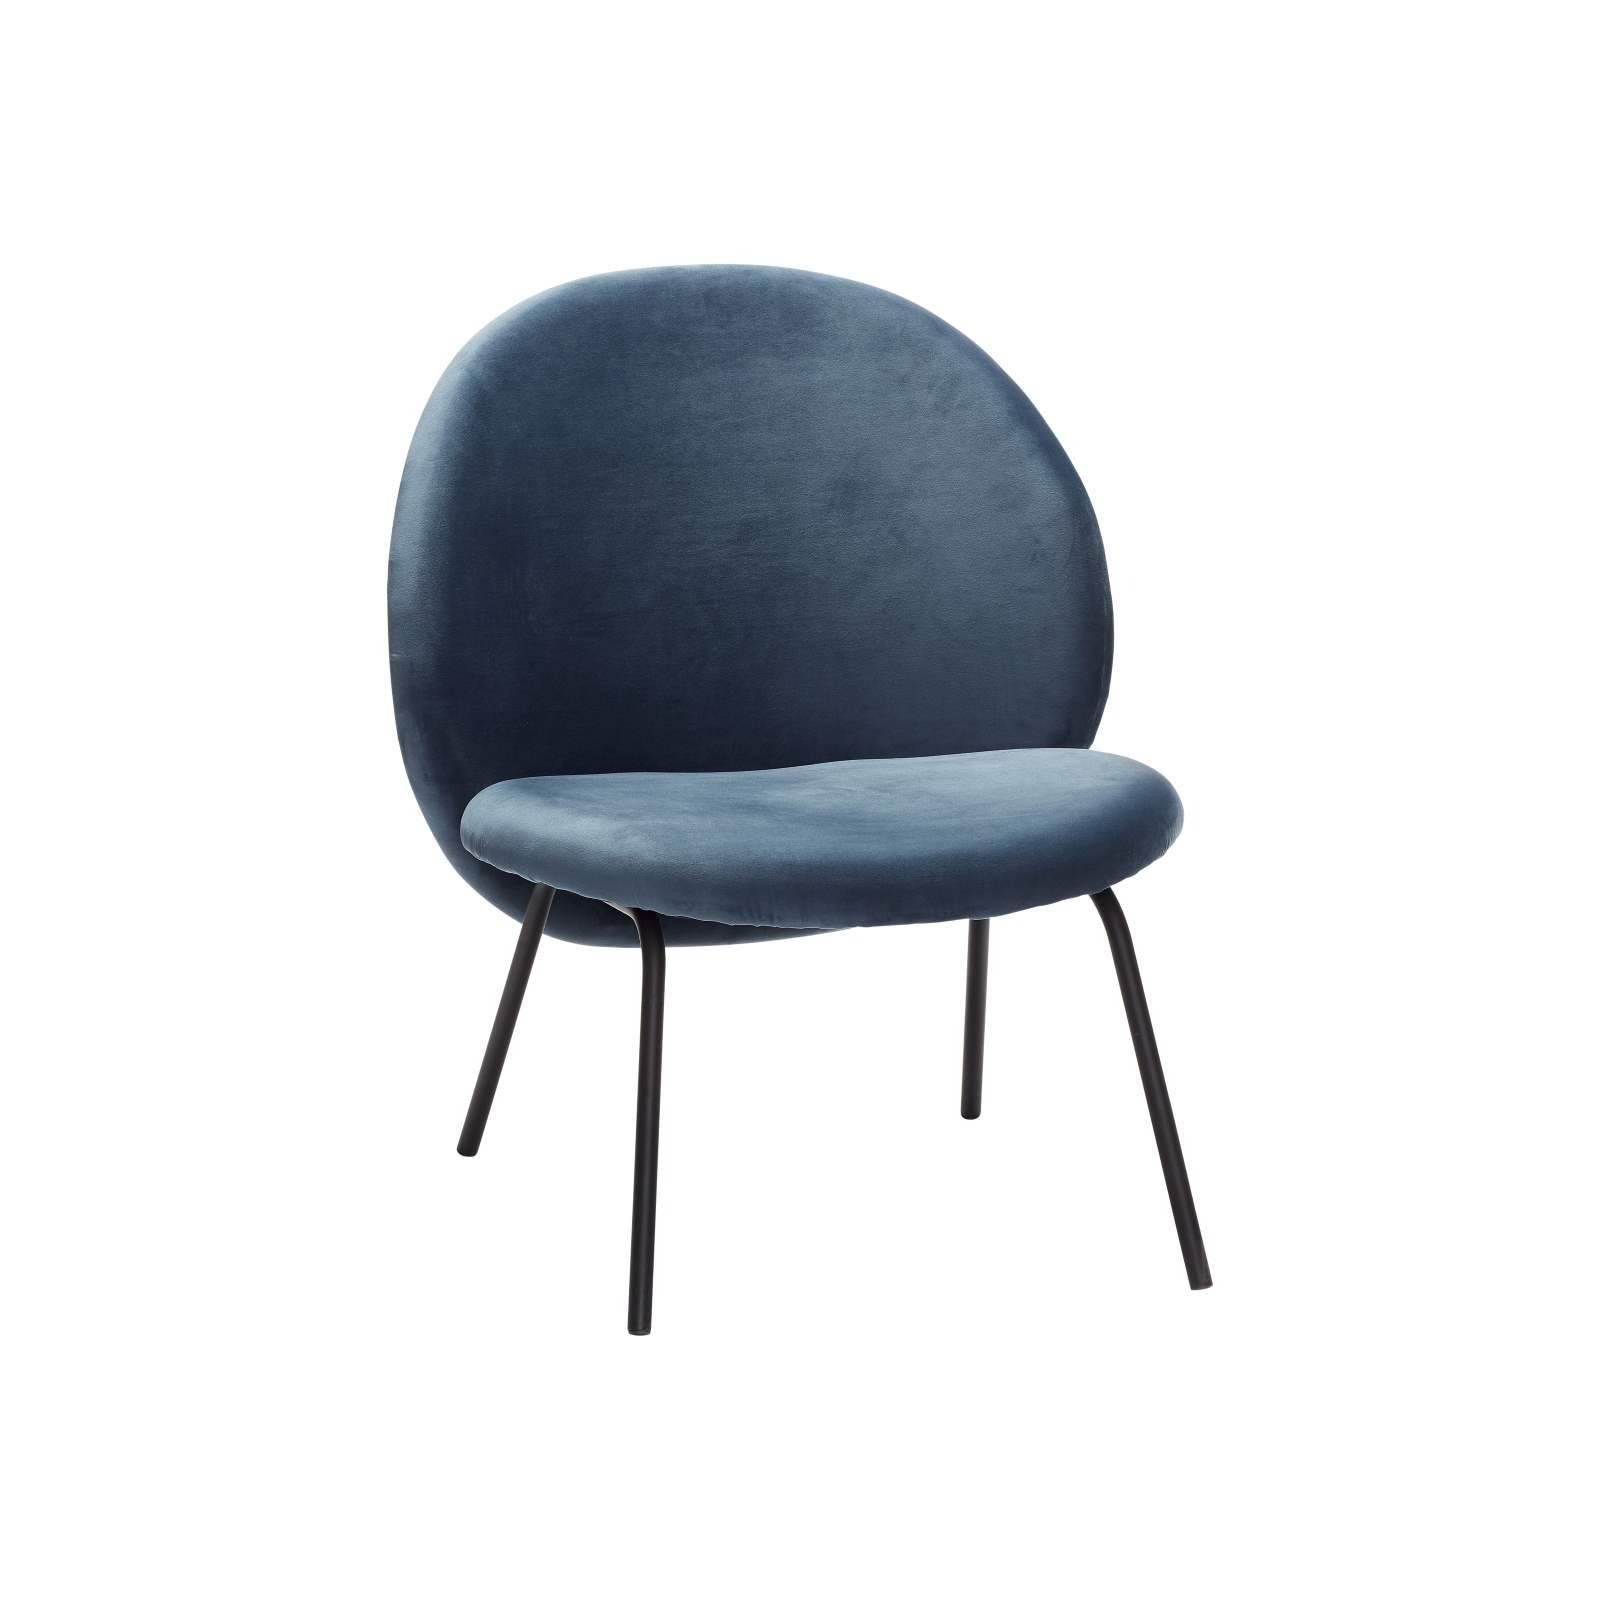 Lounge stol Boule blå sammet, Hubsch